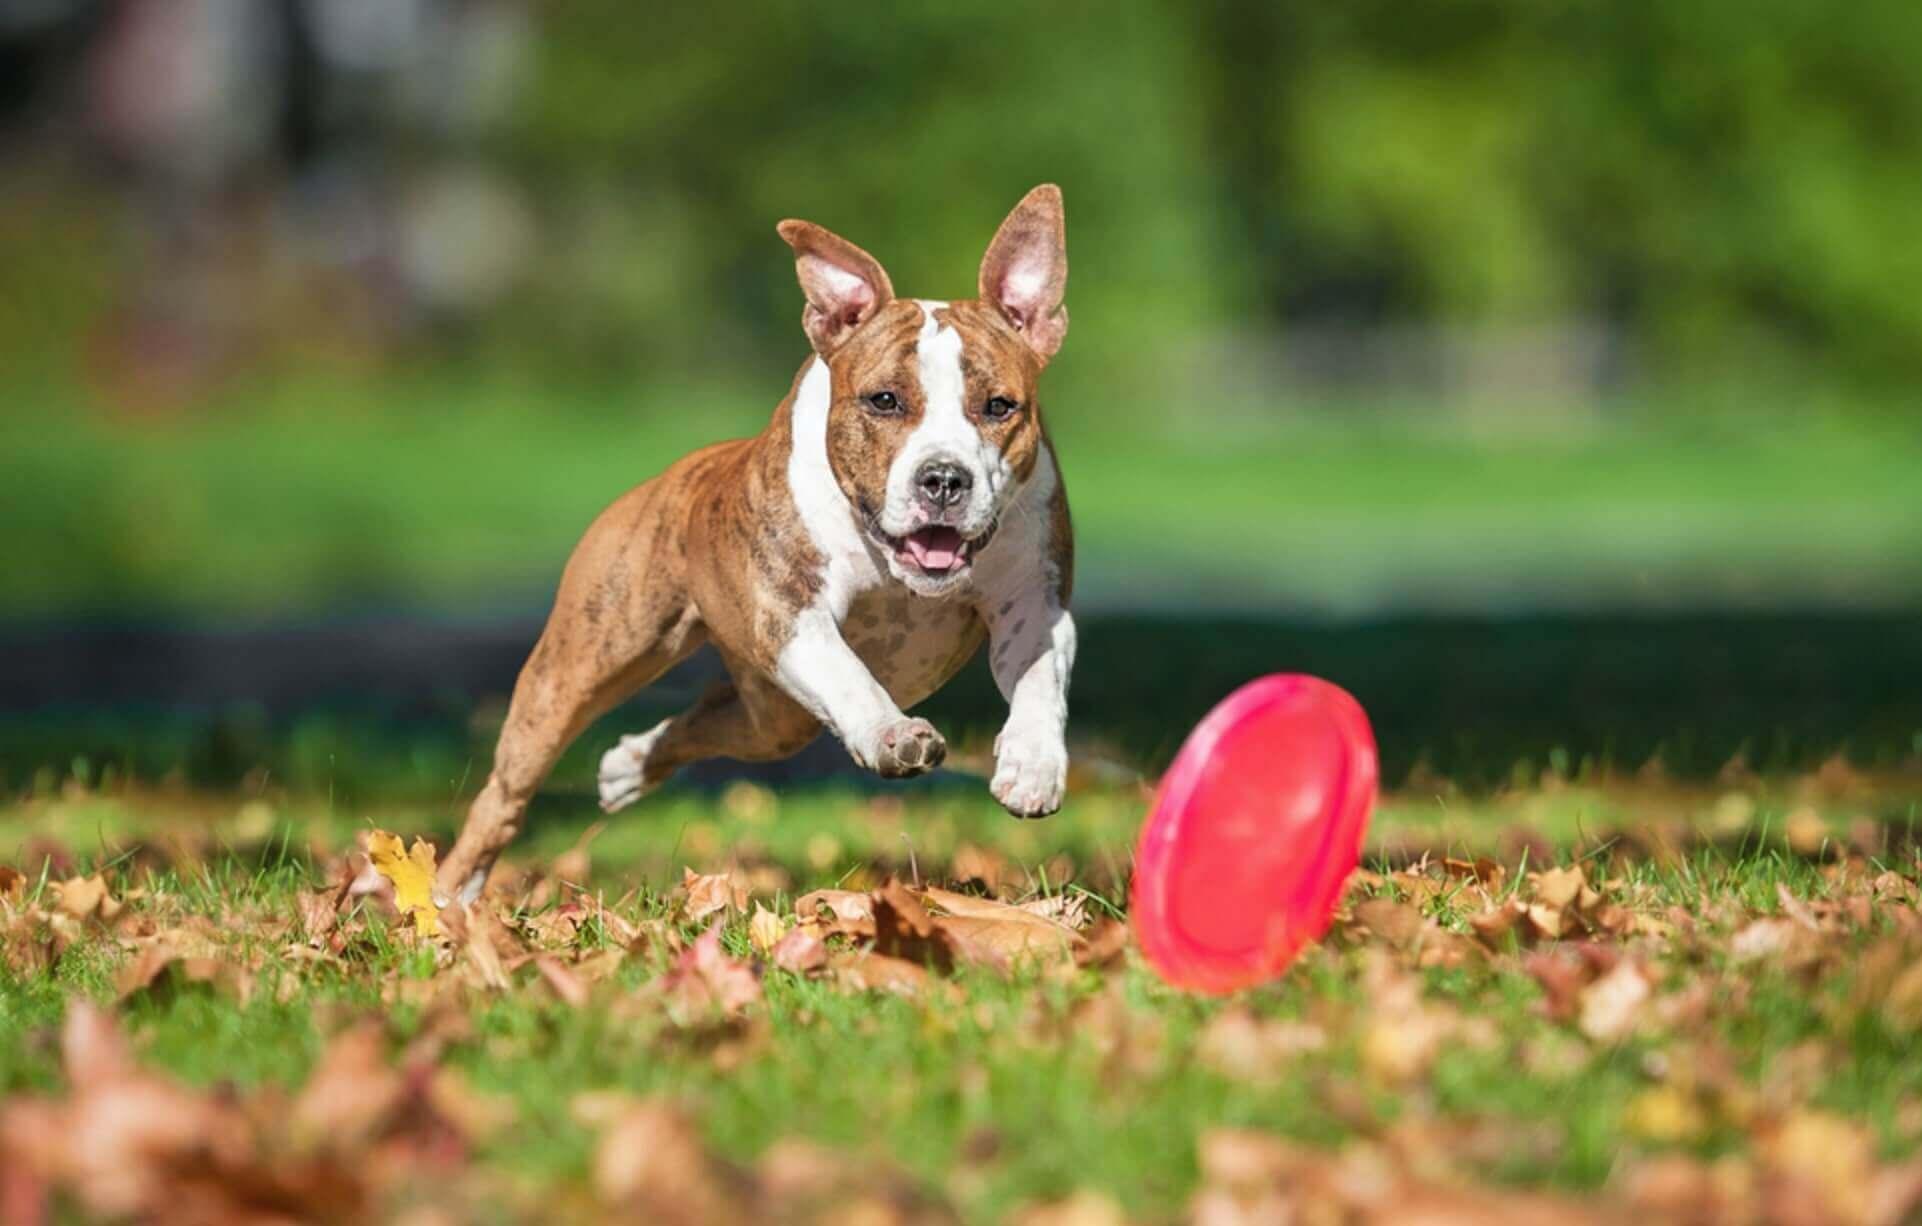 pitbull rincorre un frisbee per cani